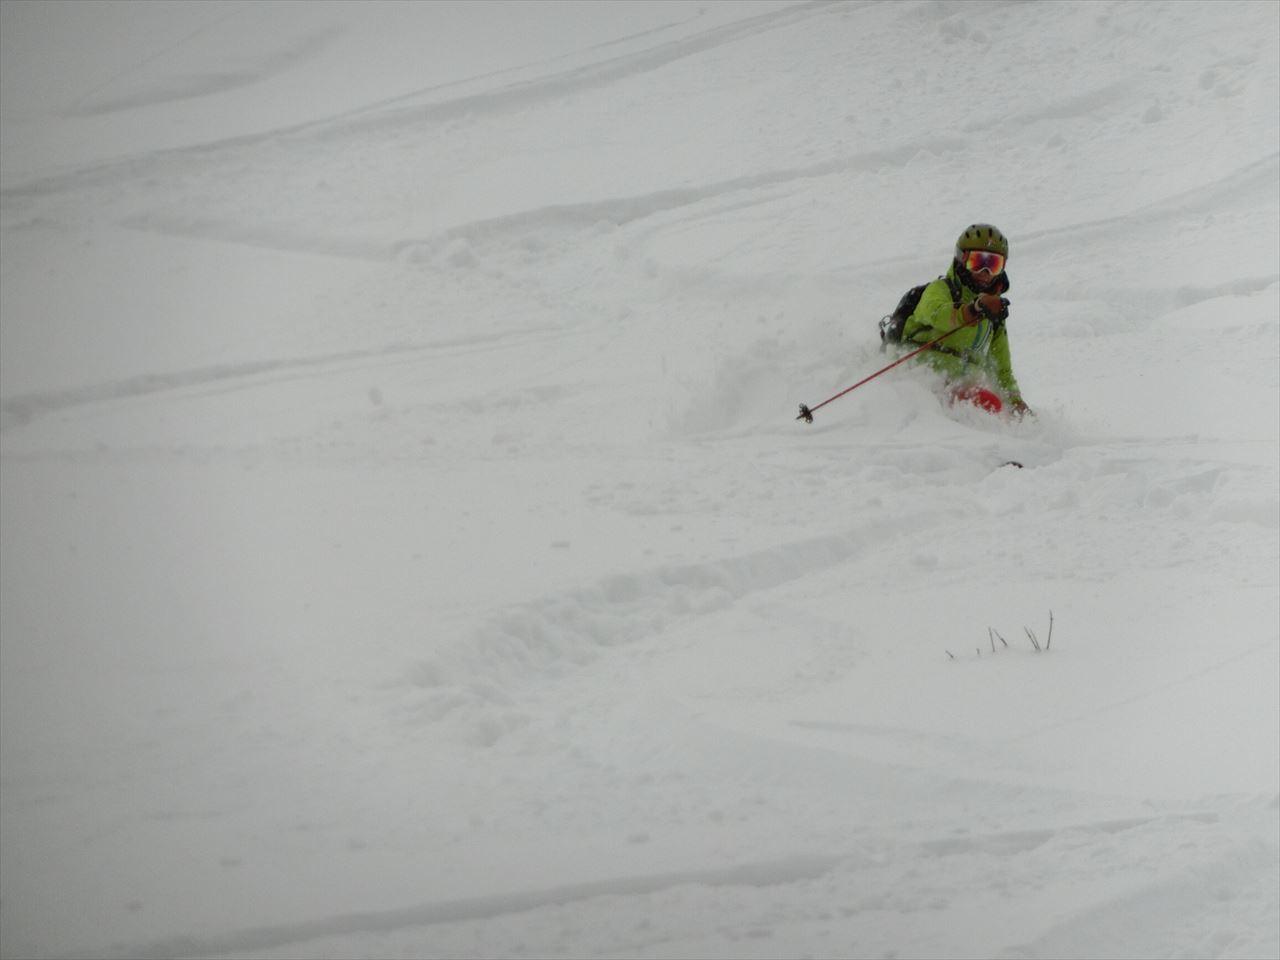 2017年1月21日朝里岳を滑る-2_c0242406_11535858.jpg